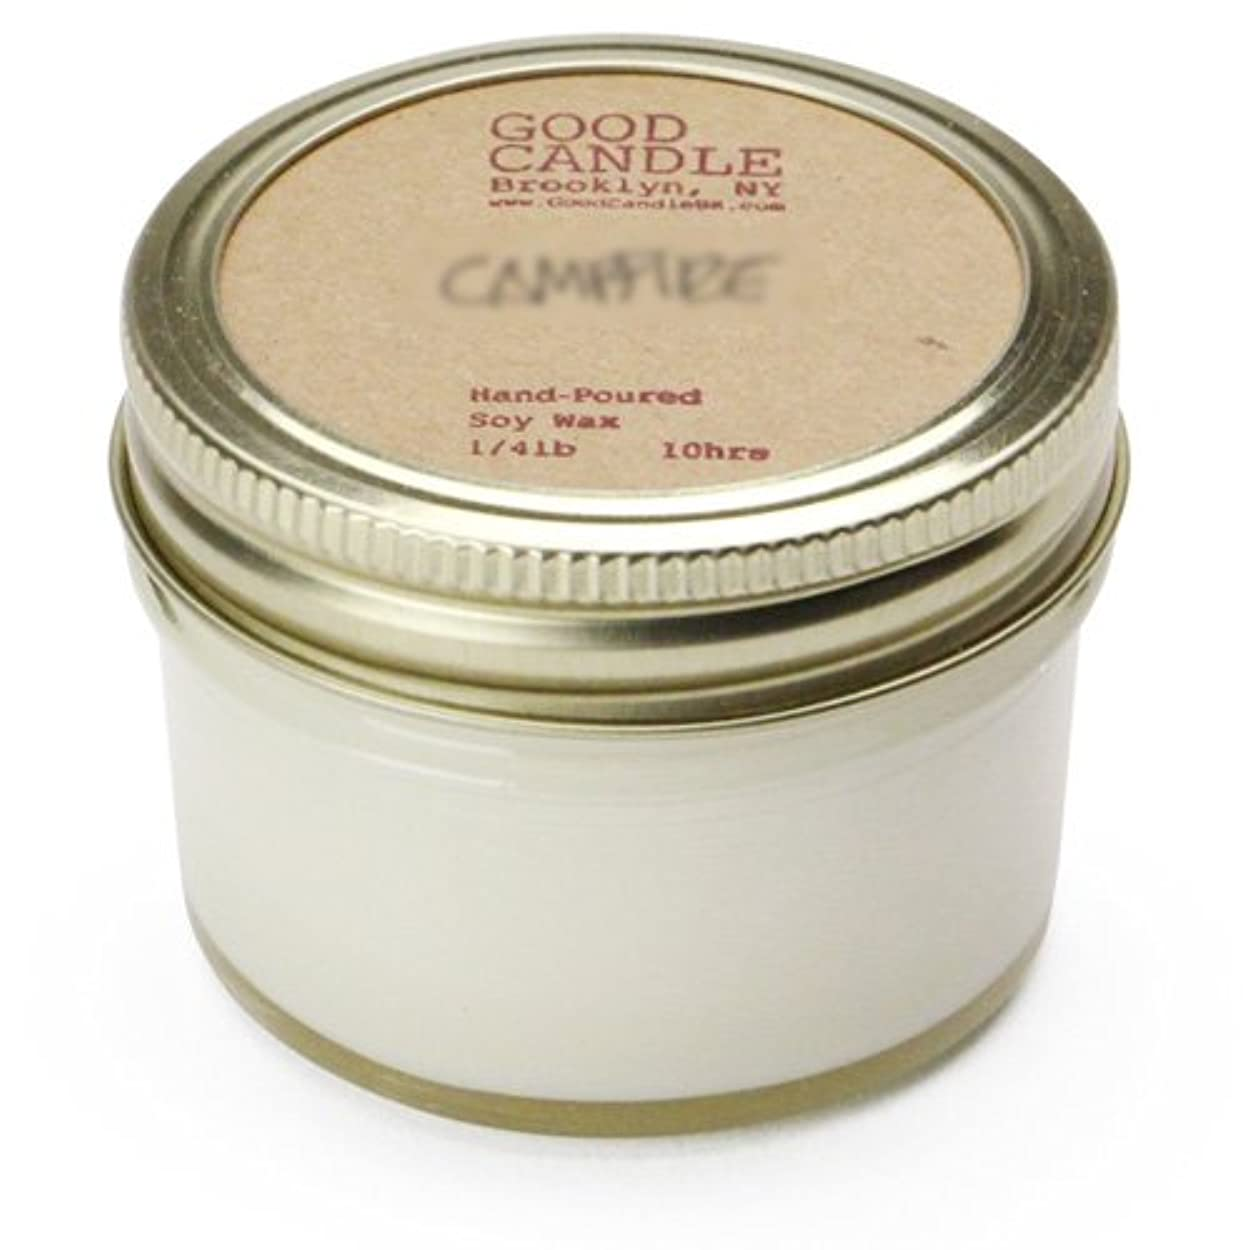 阻害する川ピックグッドキャンドル 1/4ポンド ゼリージャー キャンドル Good Candle 1/4LB Jelly jar candle [ Mimosa ] 正規品